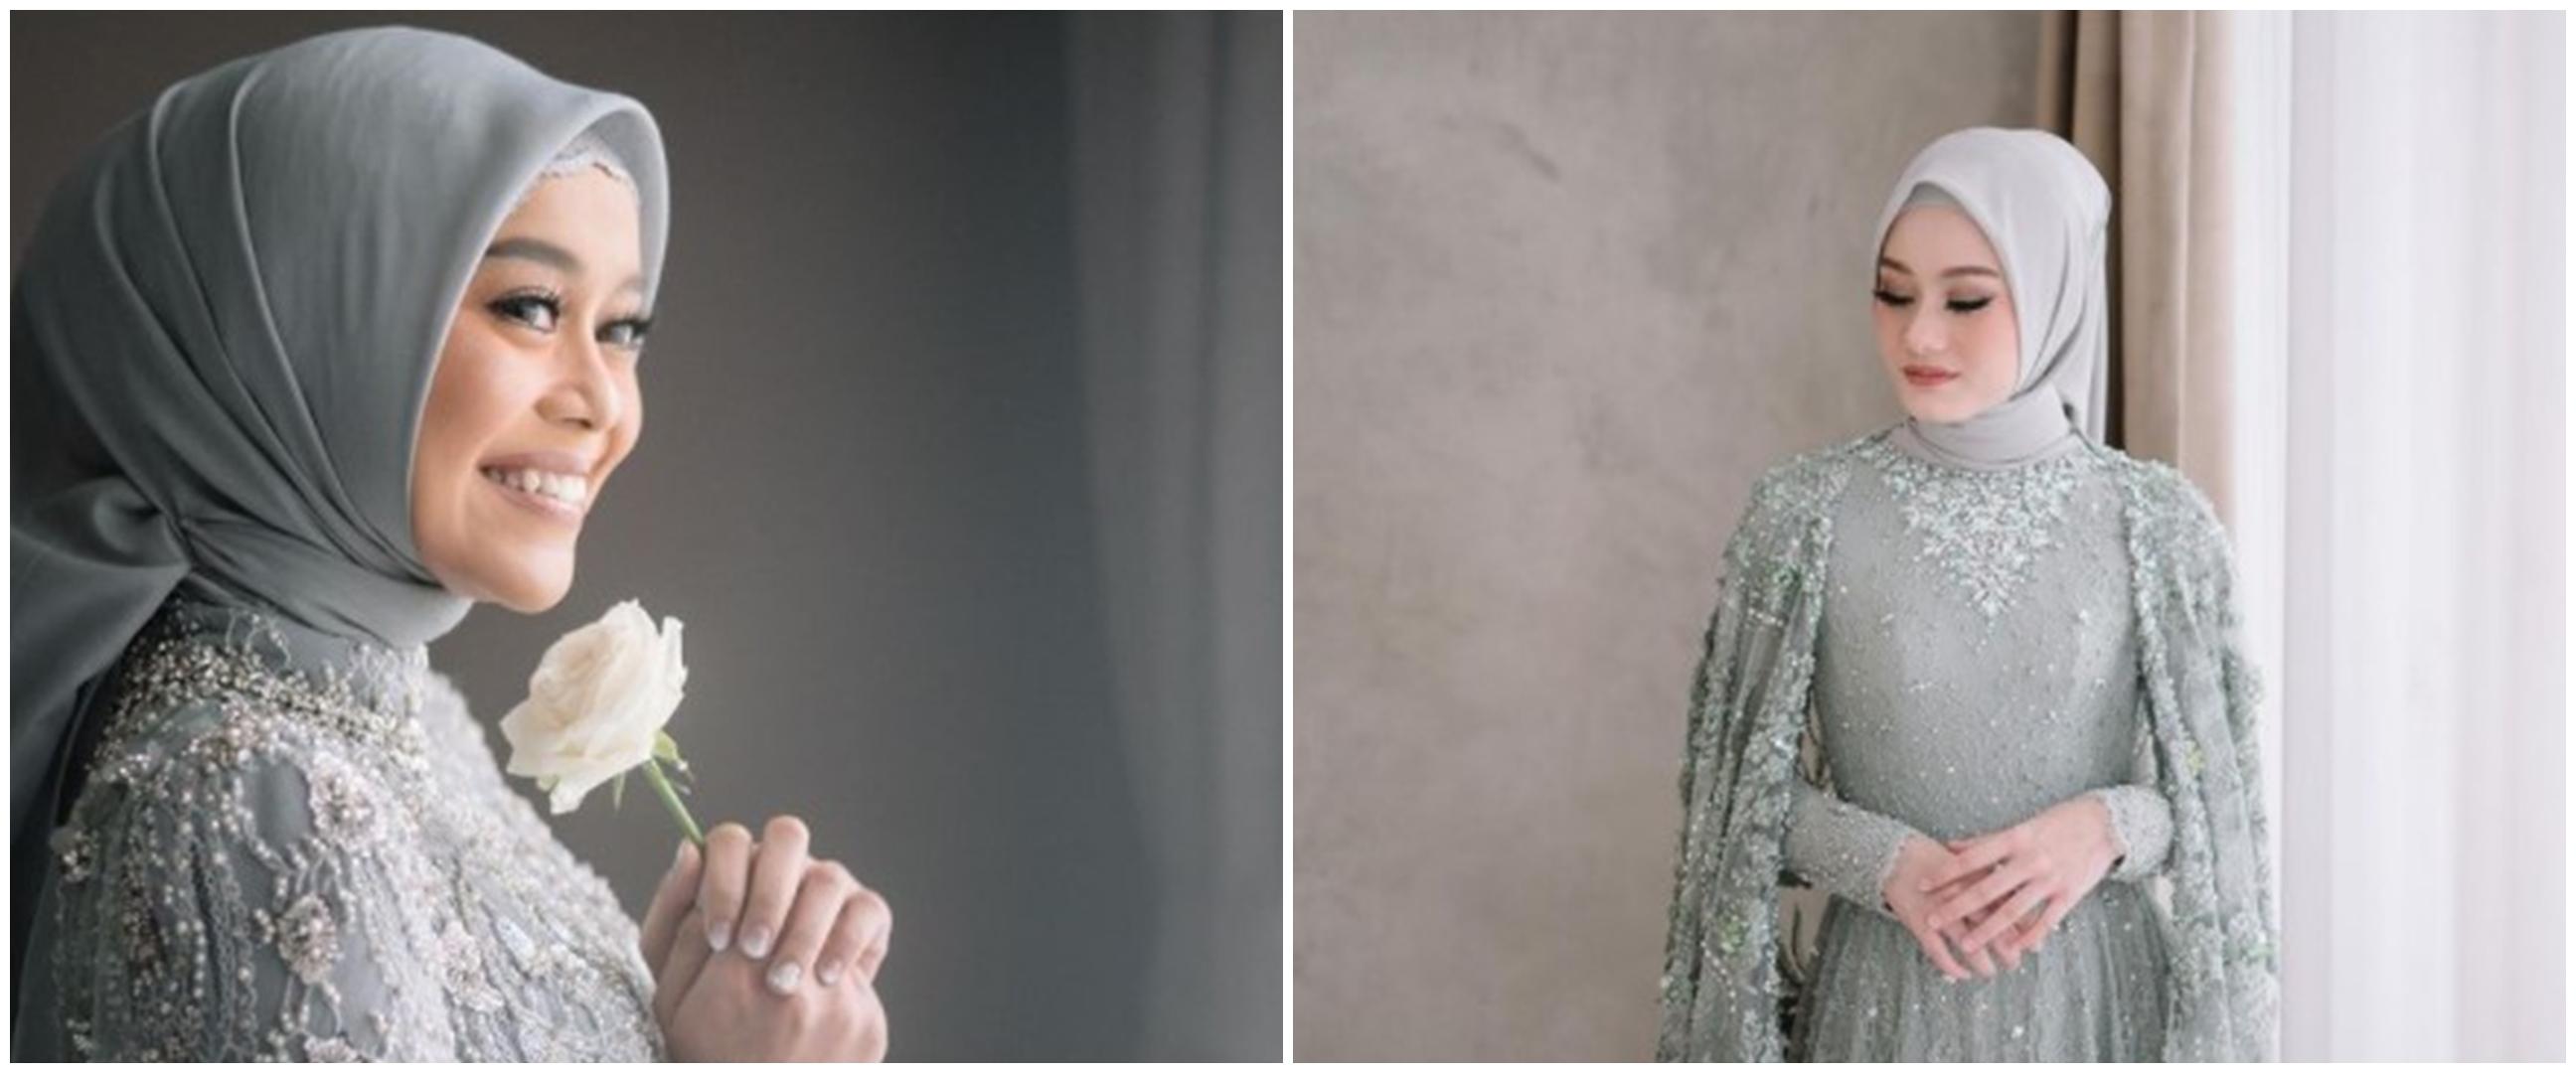 Berwarna mirip, ini 9 potret beda baju lamaran Lesty & Dinda Hauw